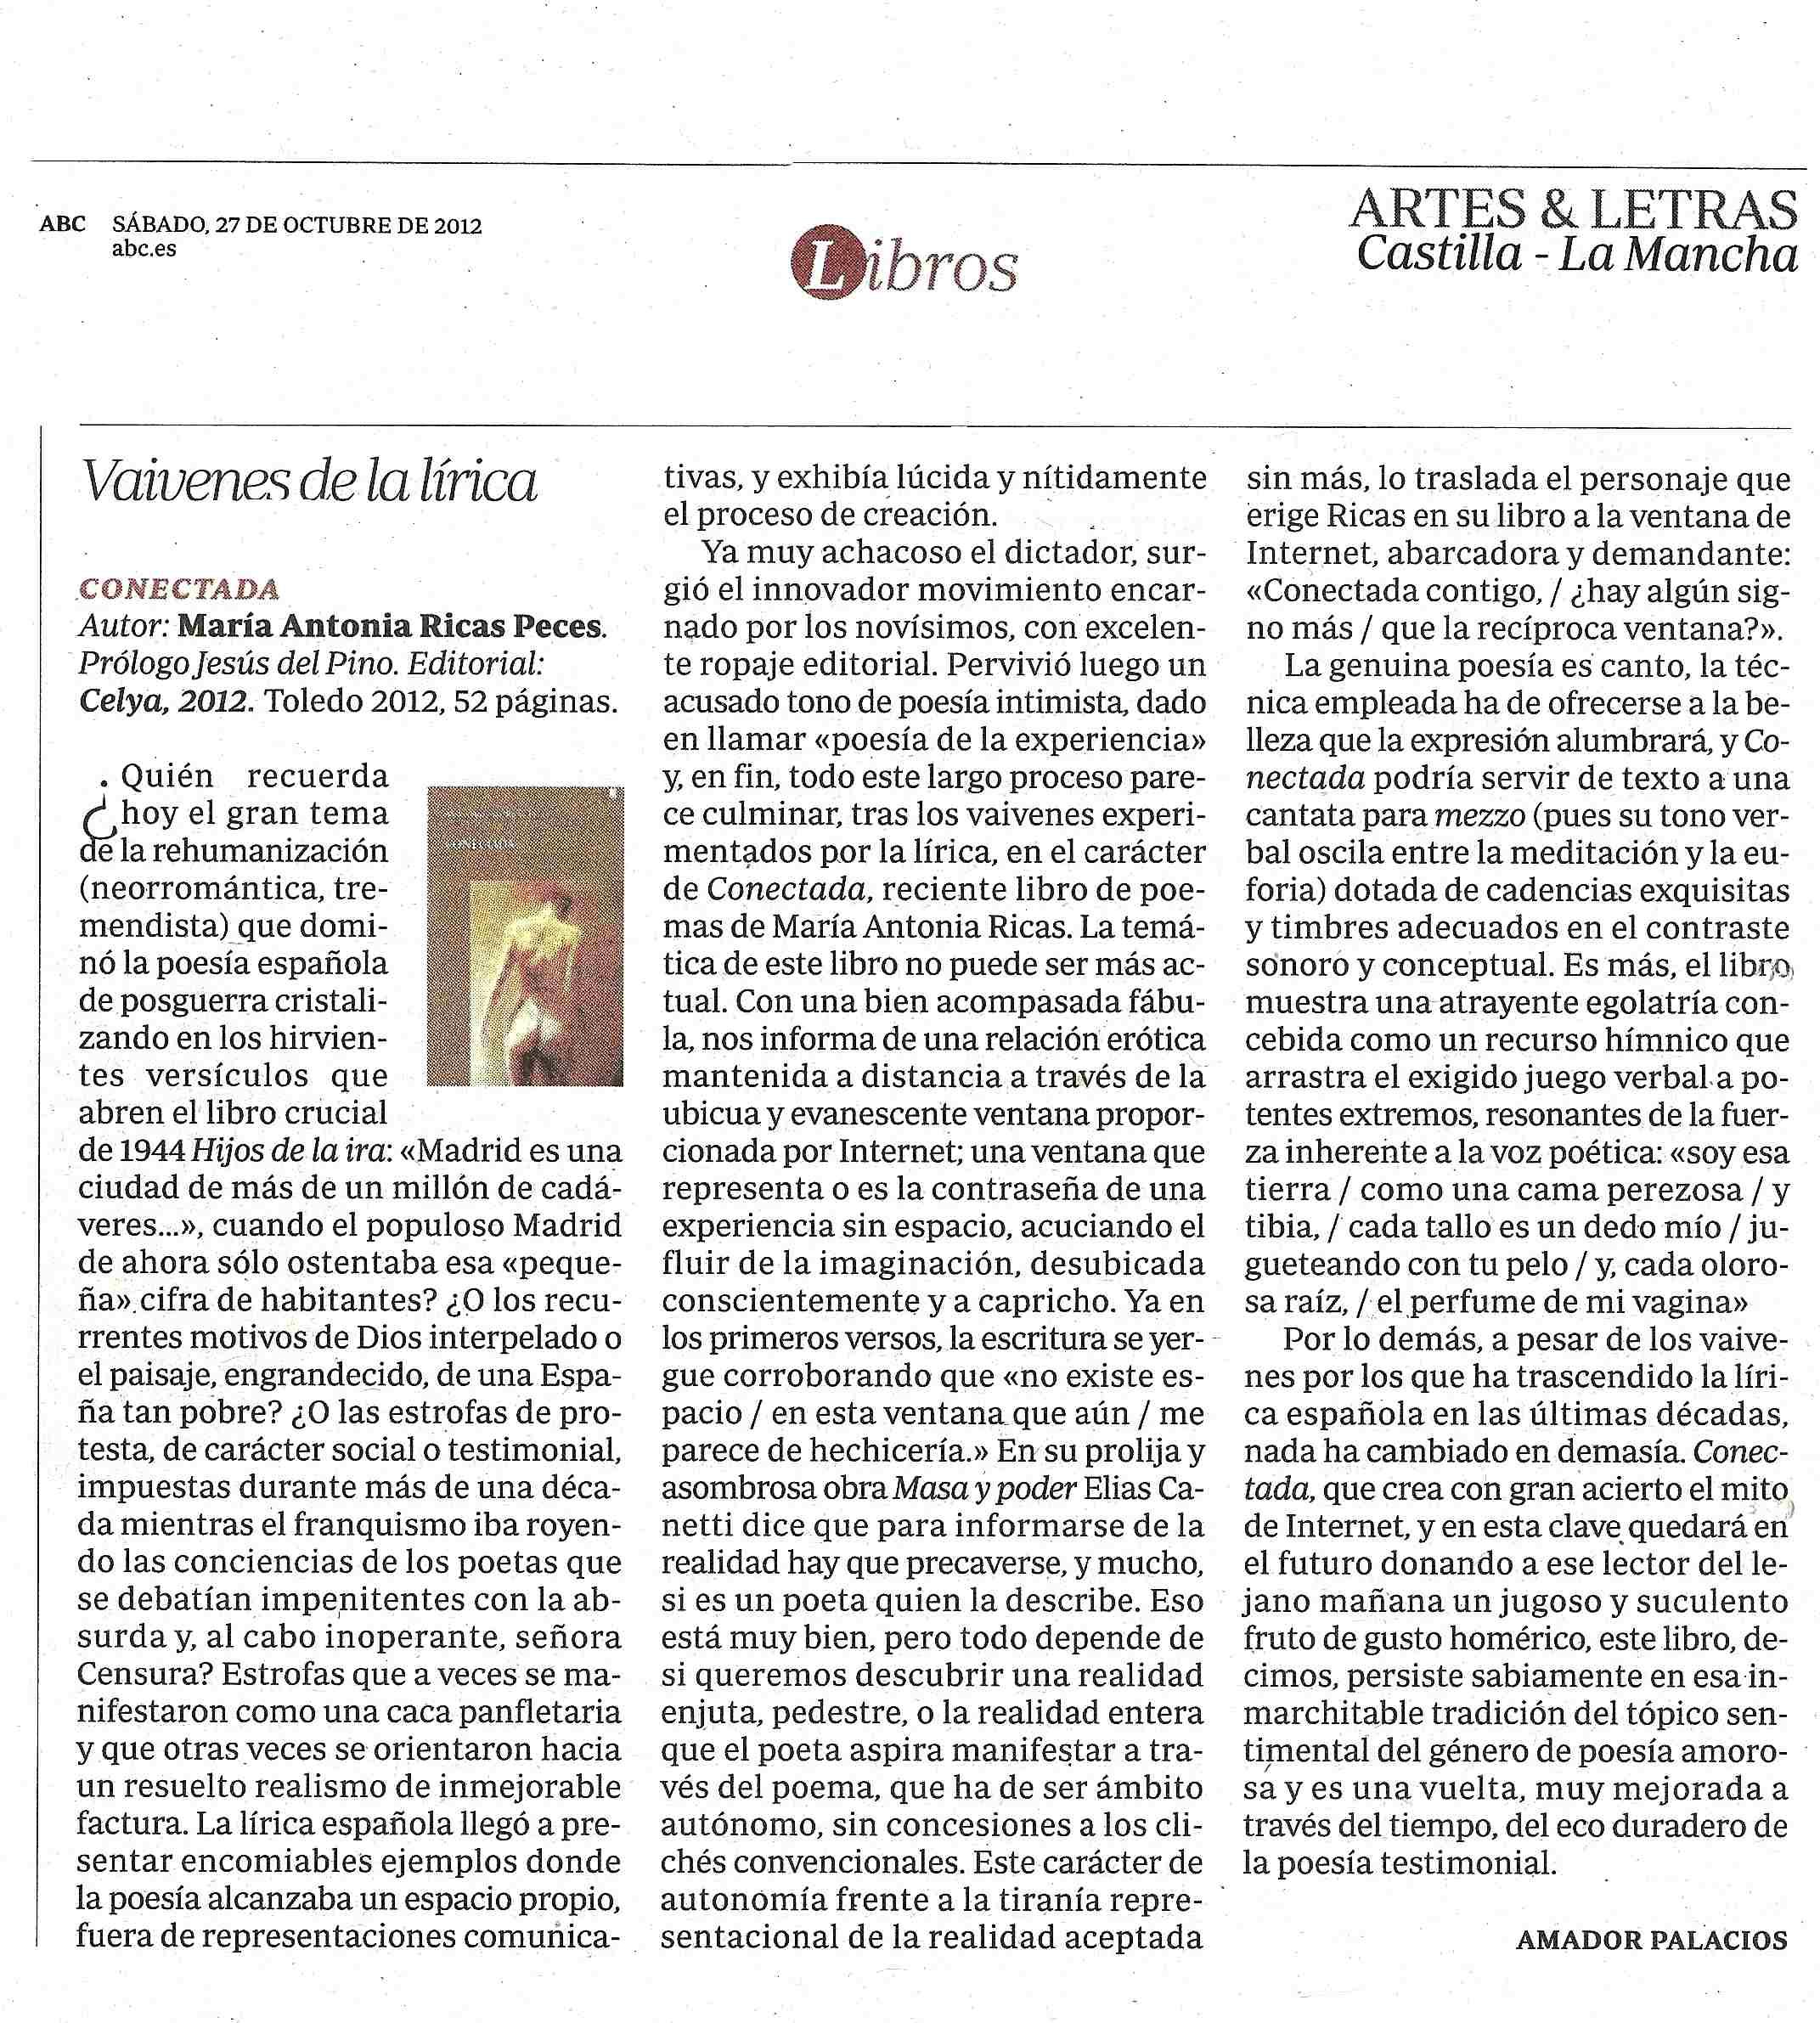 ABC Artes&Letras : CONECTADA, de Mª Antonia Ricas. Por Amador Palacios.